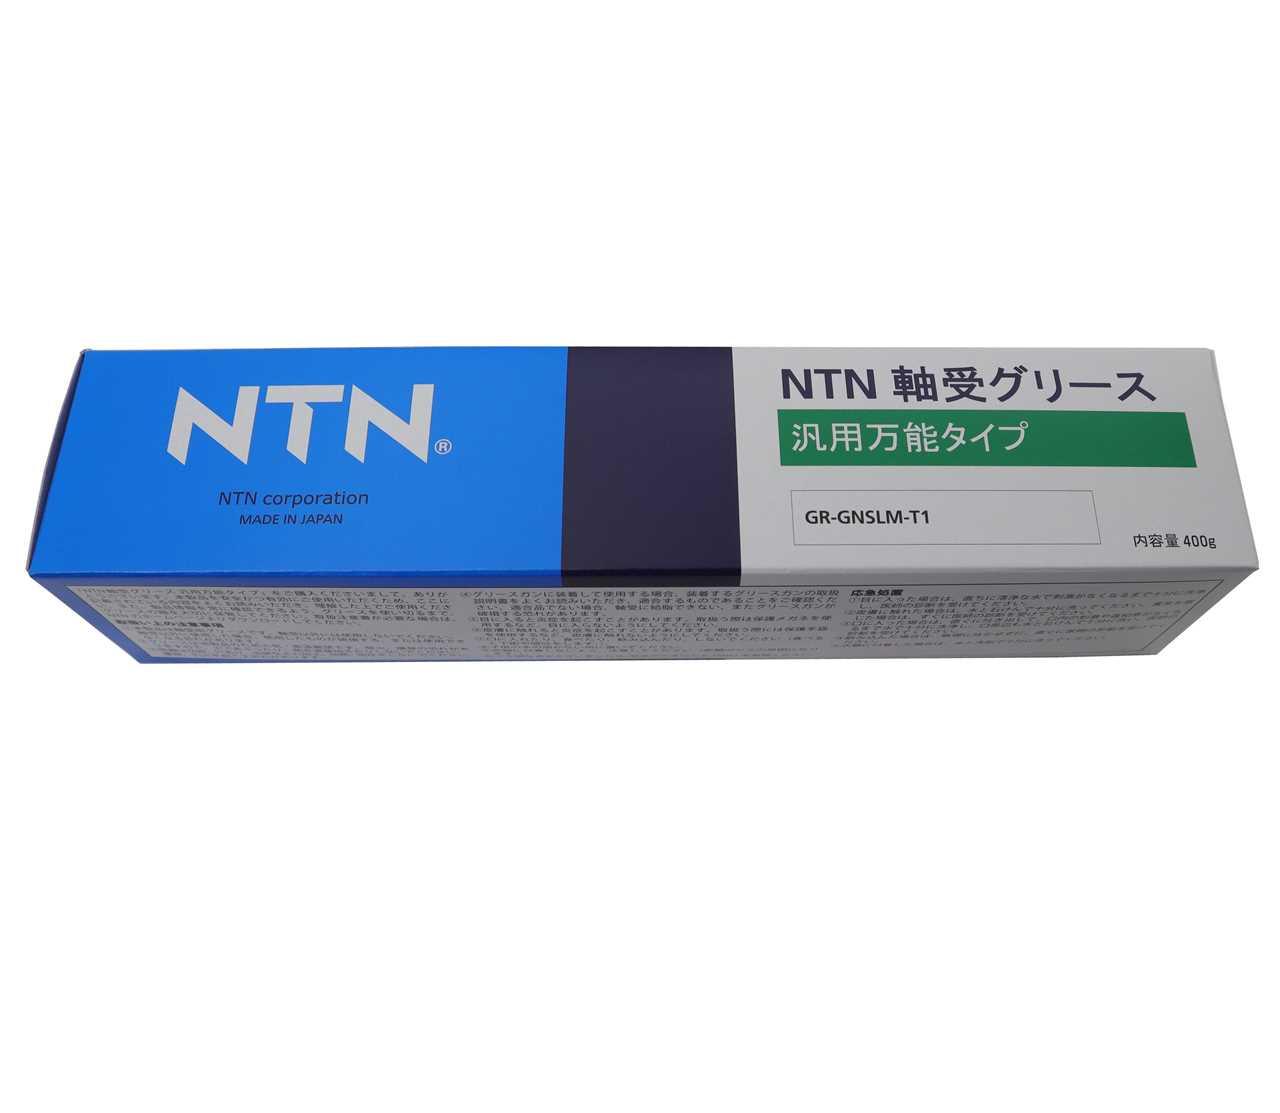 エヌティーエヌ(NTN) 軸受グリース汎用万能タイプ 400g